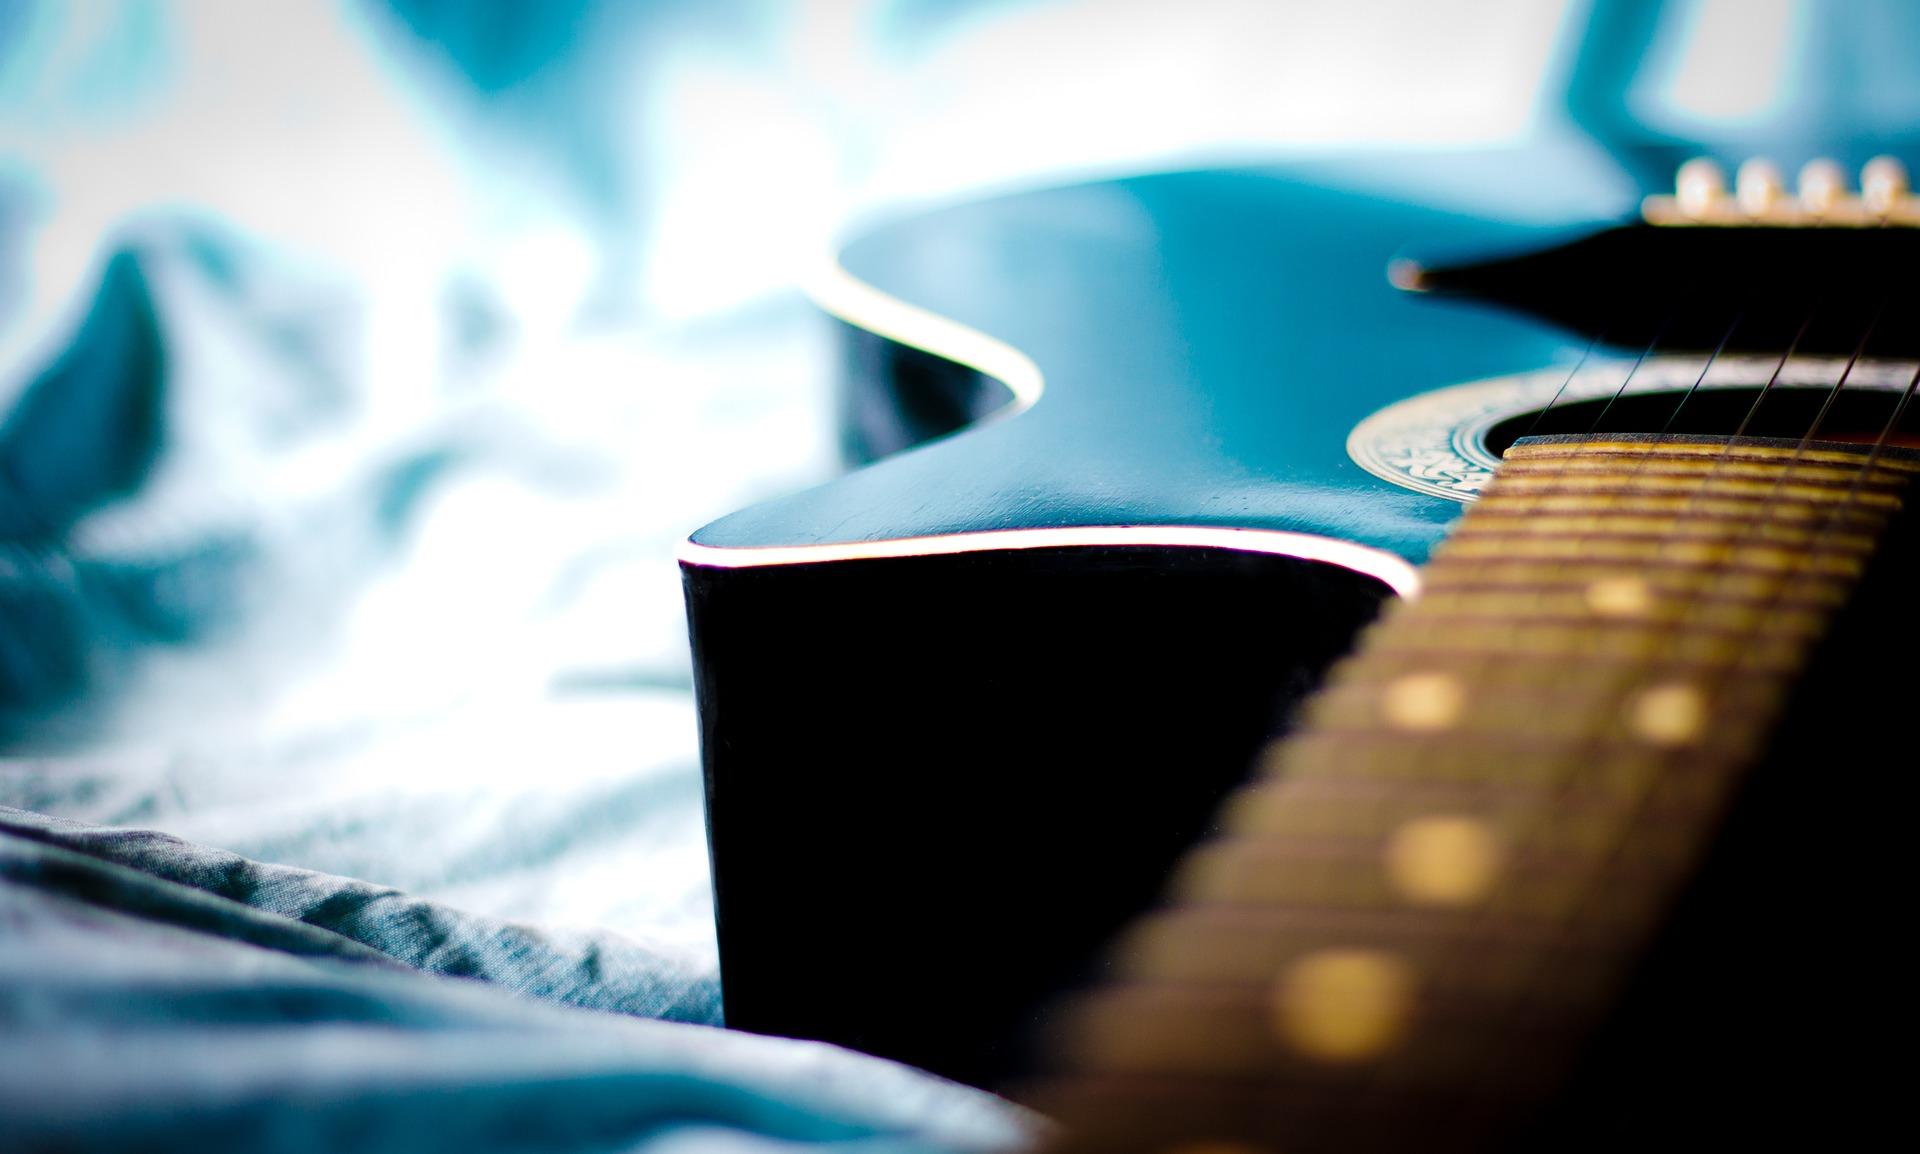 Κιθάρα, συμβολοσειρές, τραγούδι, δημιουργικότητα, τέχνη, χορδή - Wallpapers HD - Professor-falken.com